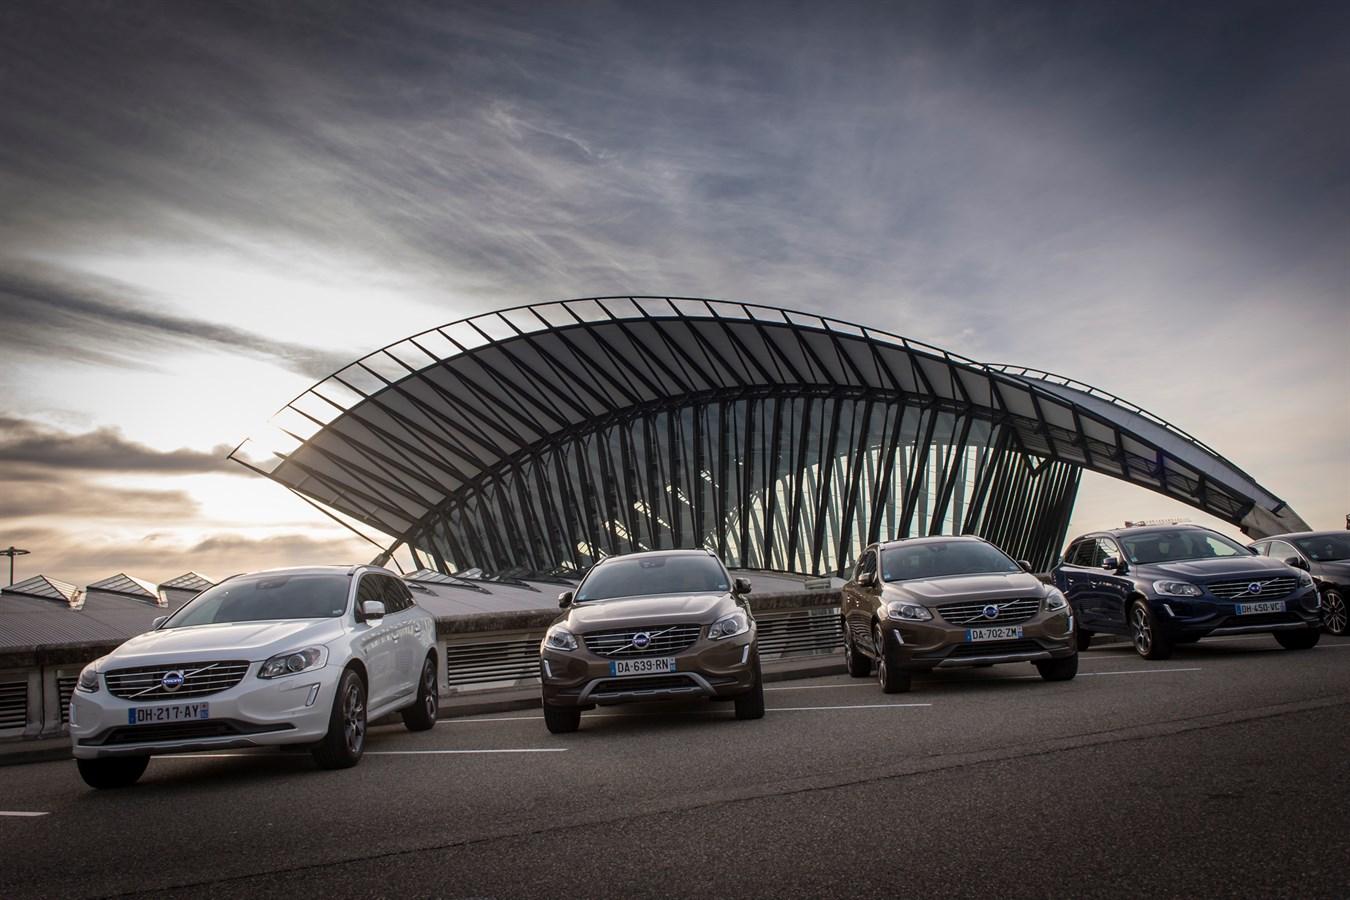 Gamme Volvo Drive-E année modèle 2015 - Photo Jean-Marc Lisse